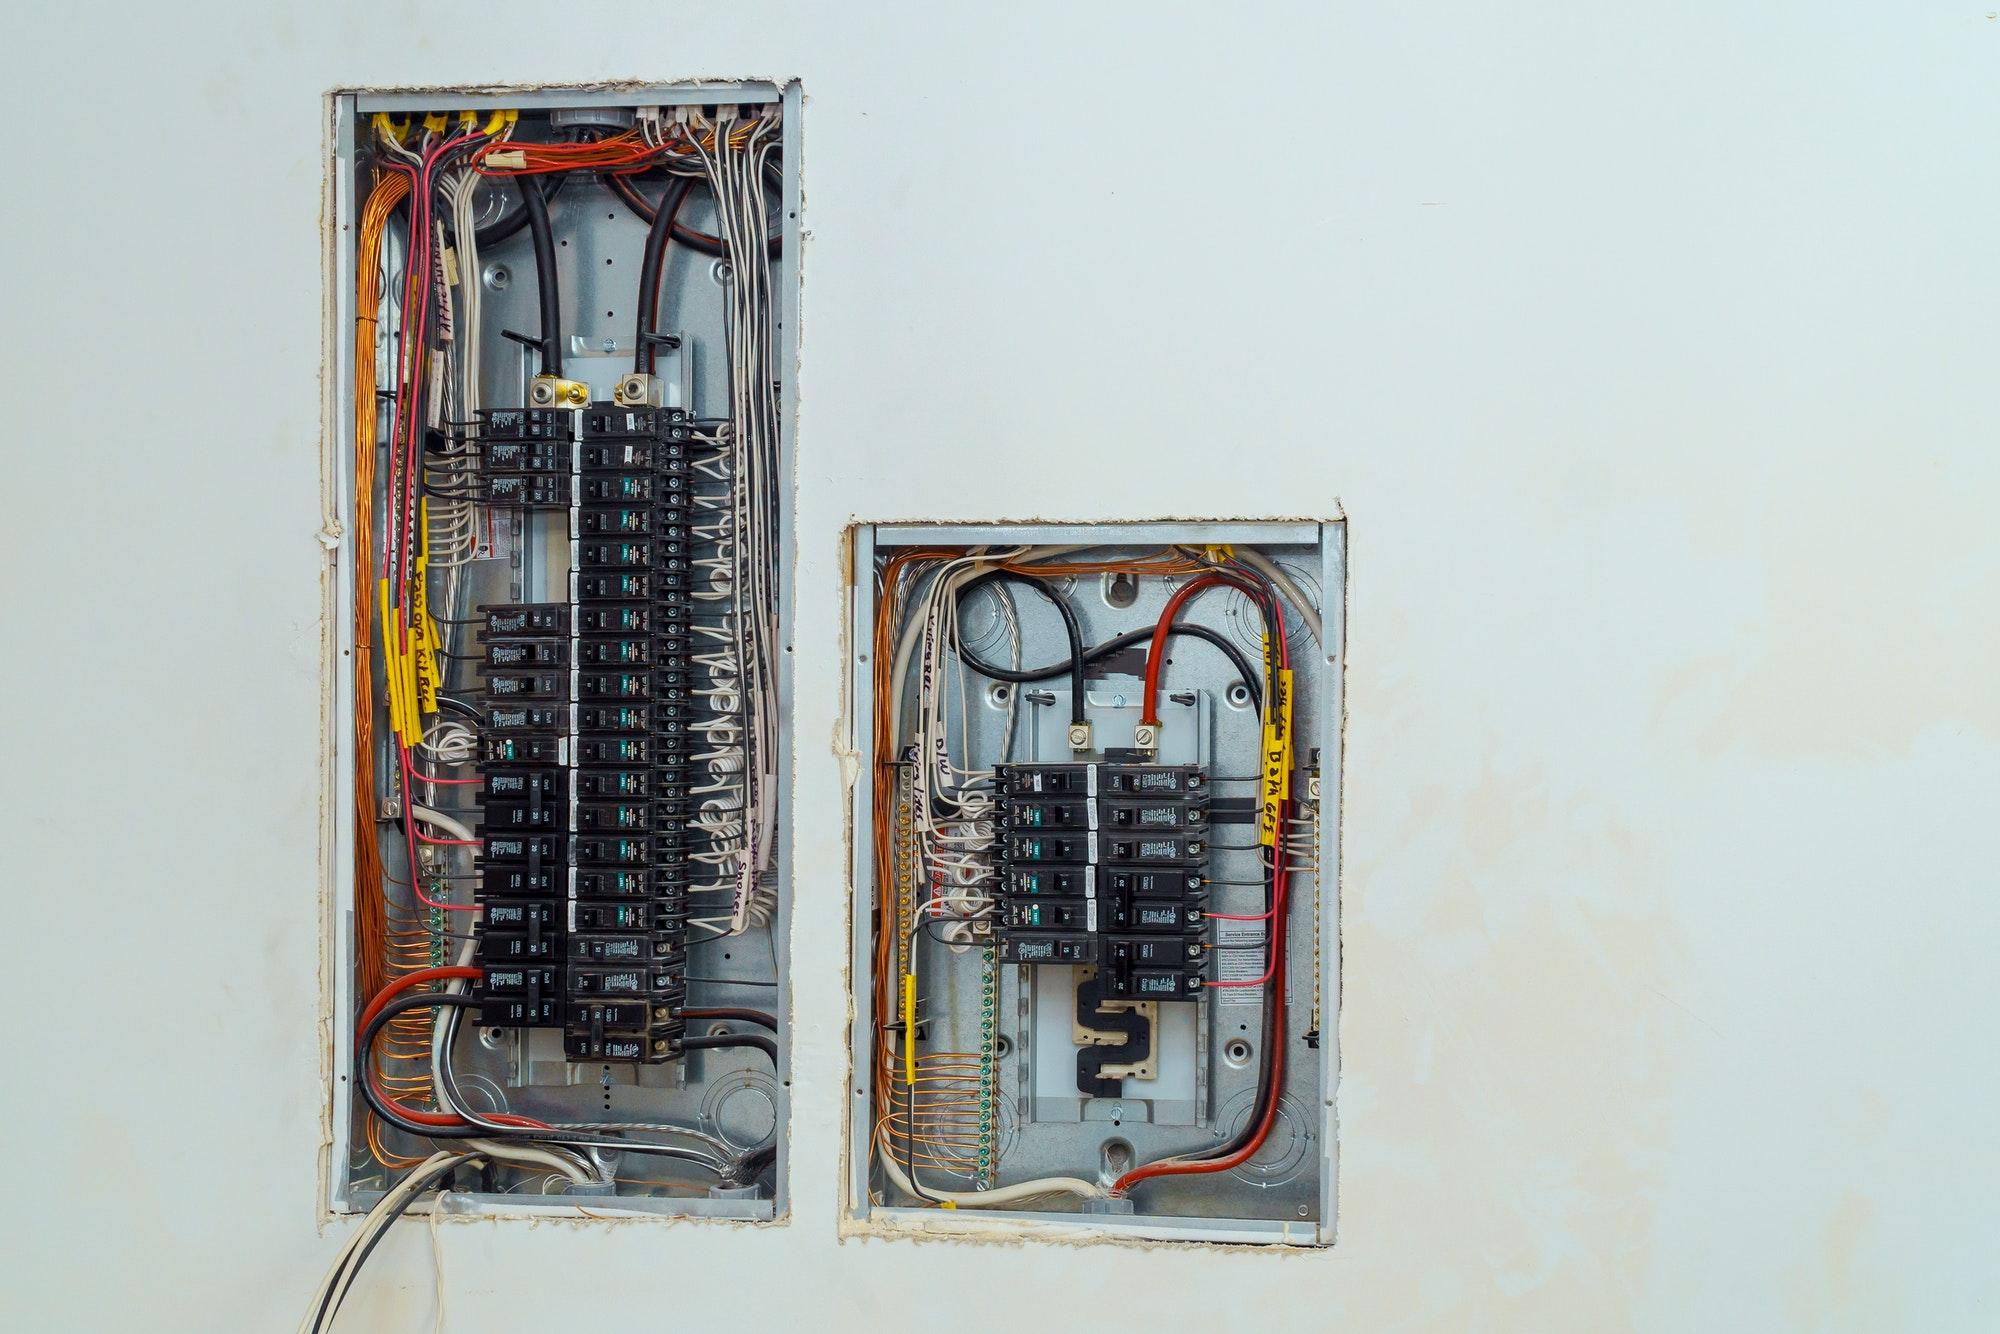 Udskiftning af el-tavle & elmåler København, tilbydes af autoriseret elektriker Amager, Gentofte m.fl - Få faste priser og pris på udskiftning af eltavle